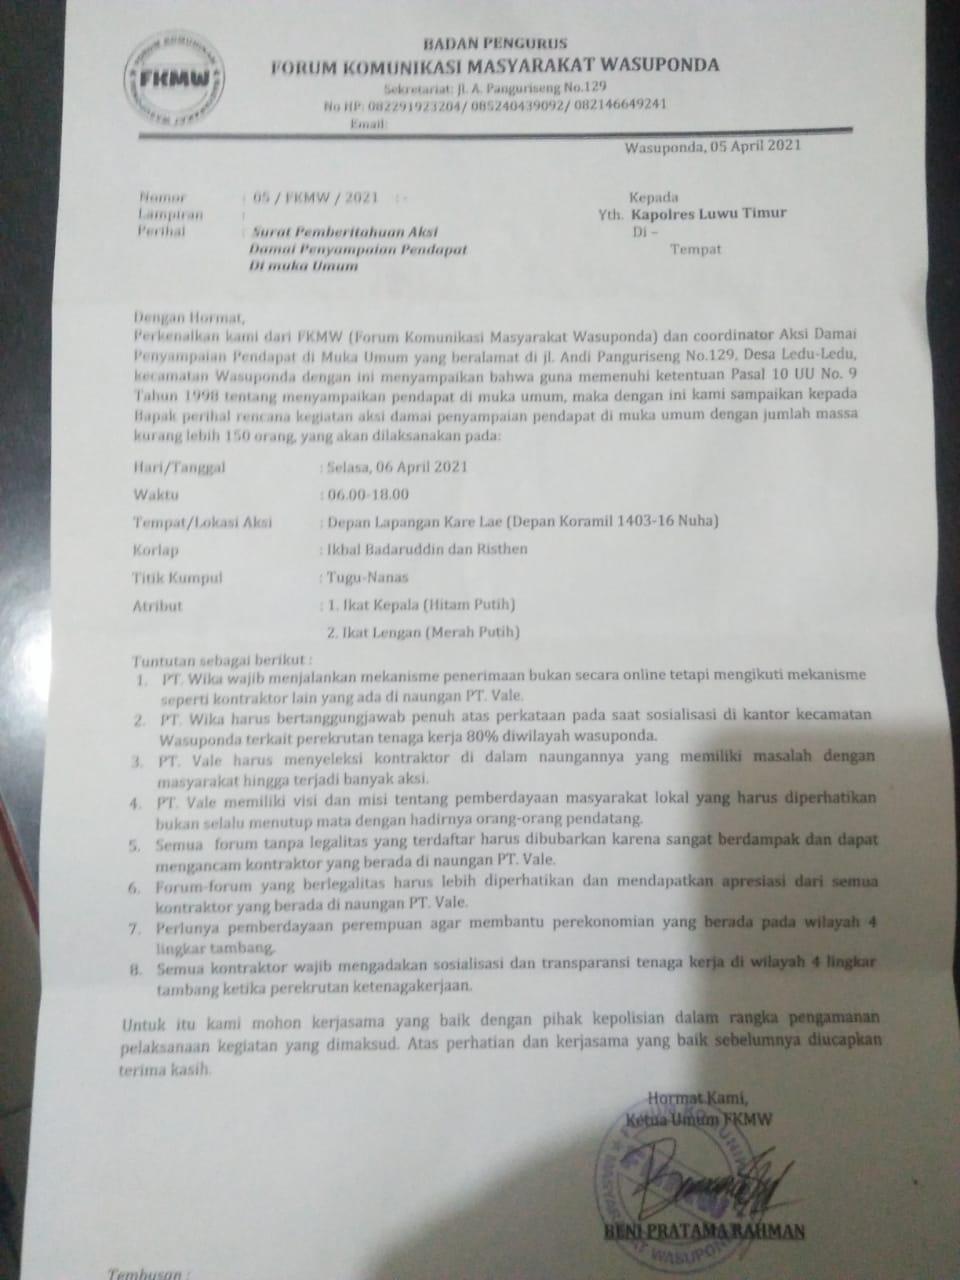 Setelah KPM-LT, Giliran FKMW Demo PT Wika dan PT Vale ini Poin Tuntutannya